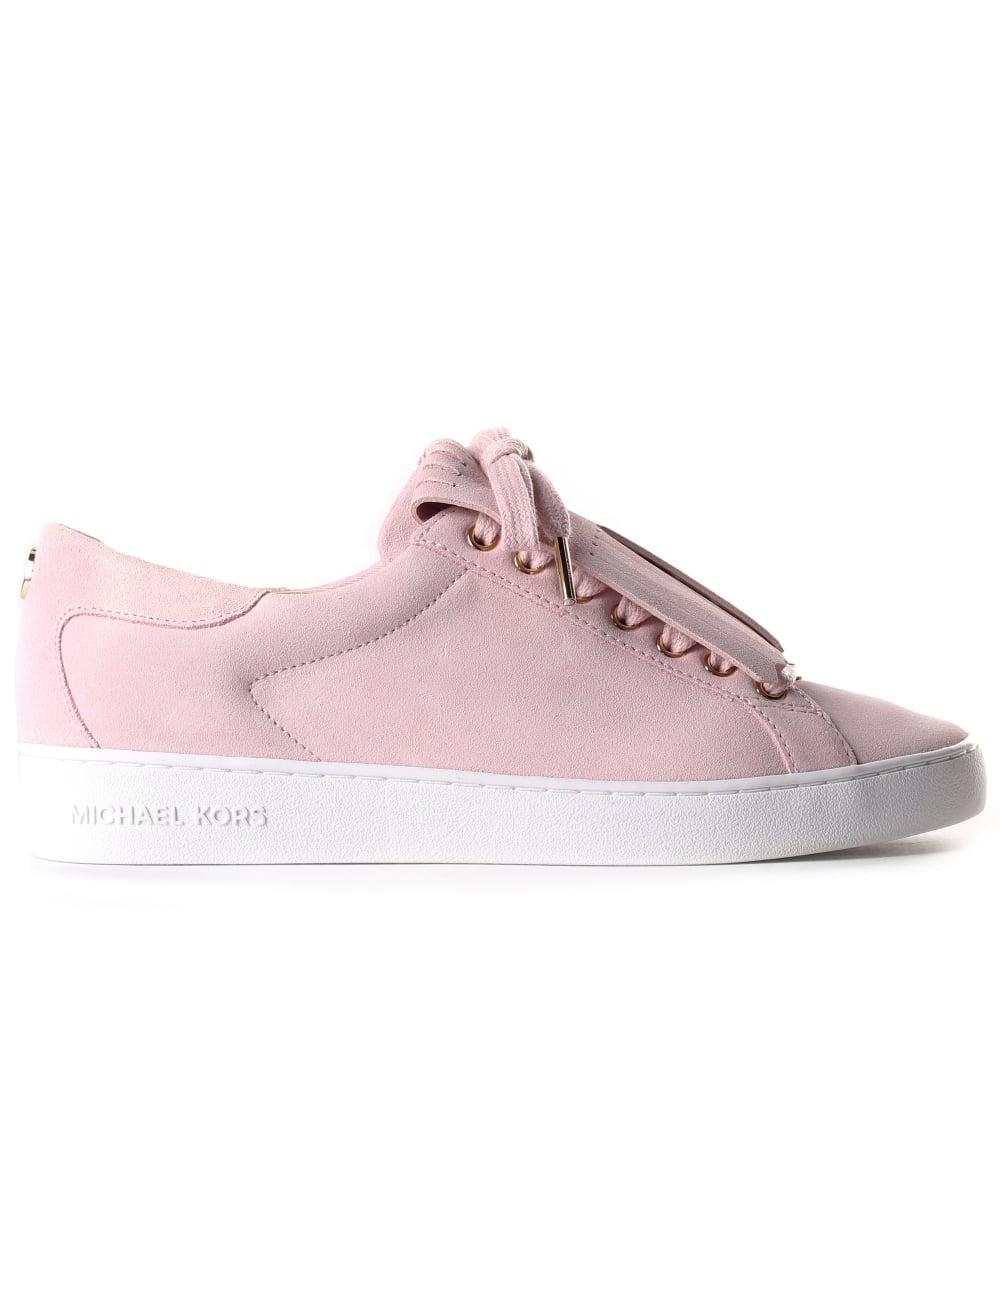 1e58381abbe7d Michael Kors Women s Keaton Kiltie Sneaker